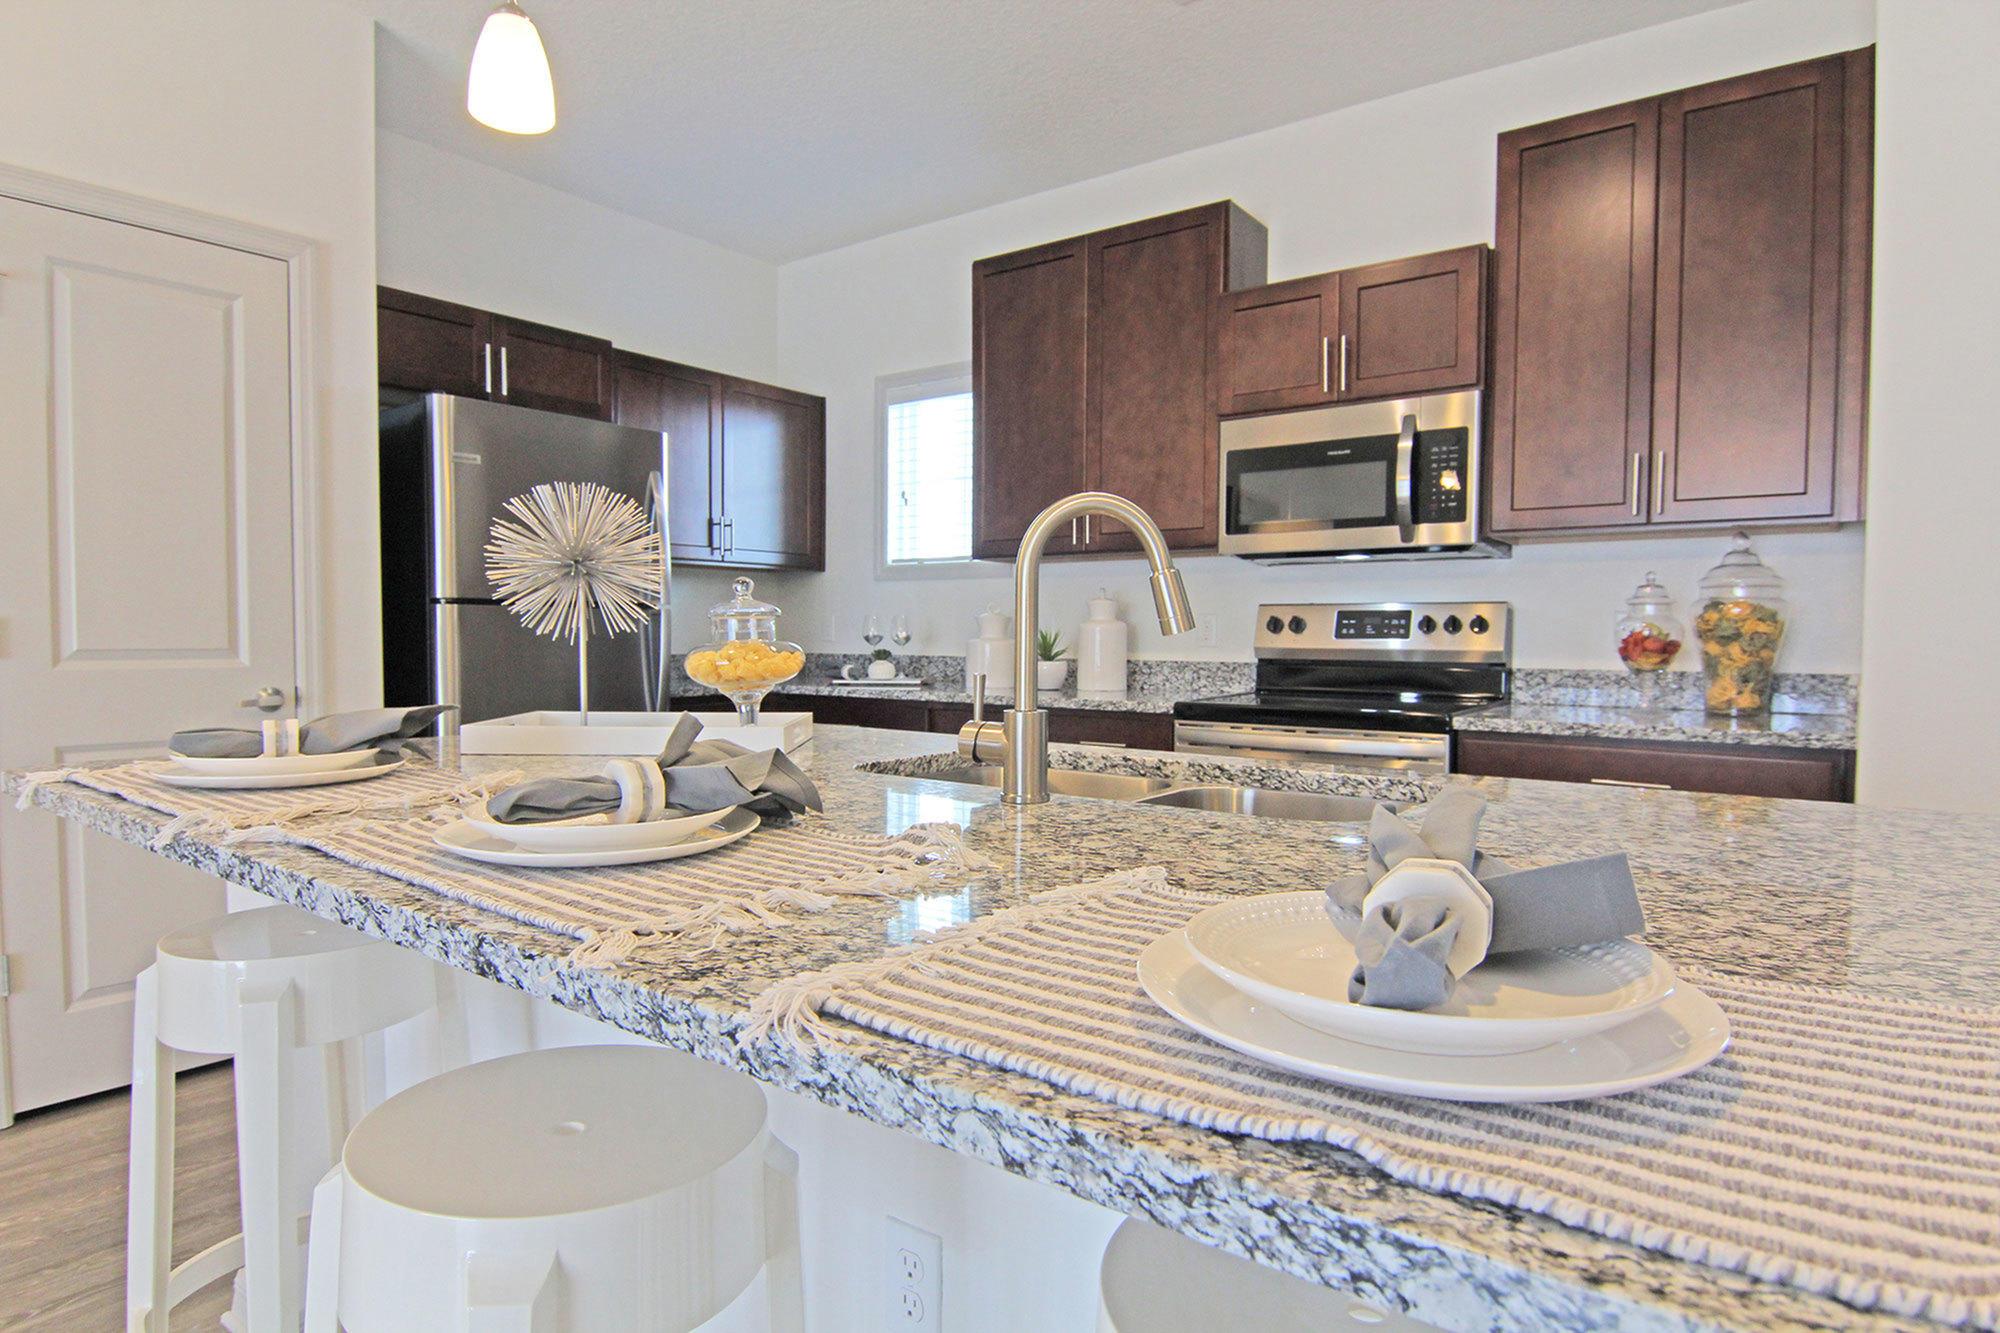 Champions Vue Apartments - Davenport, FL 33897 - (863)656-4646   ShowMeLocal.com